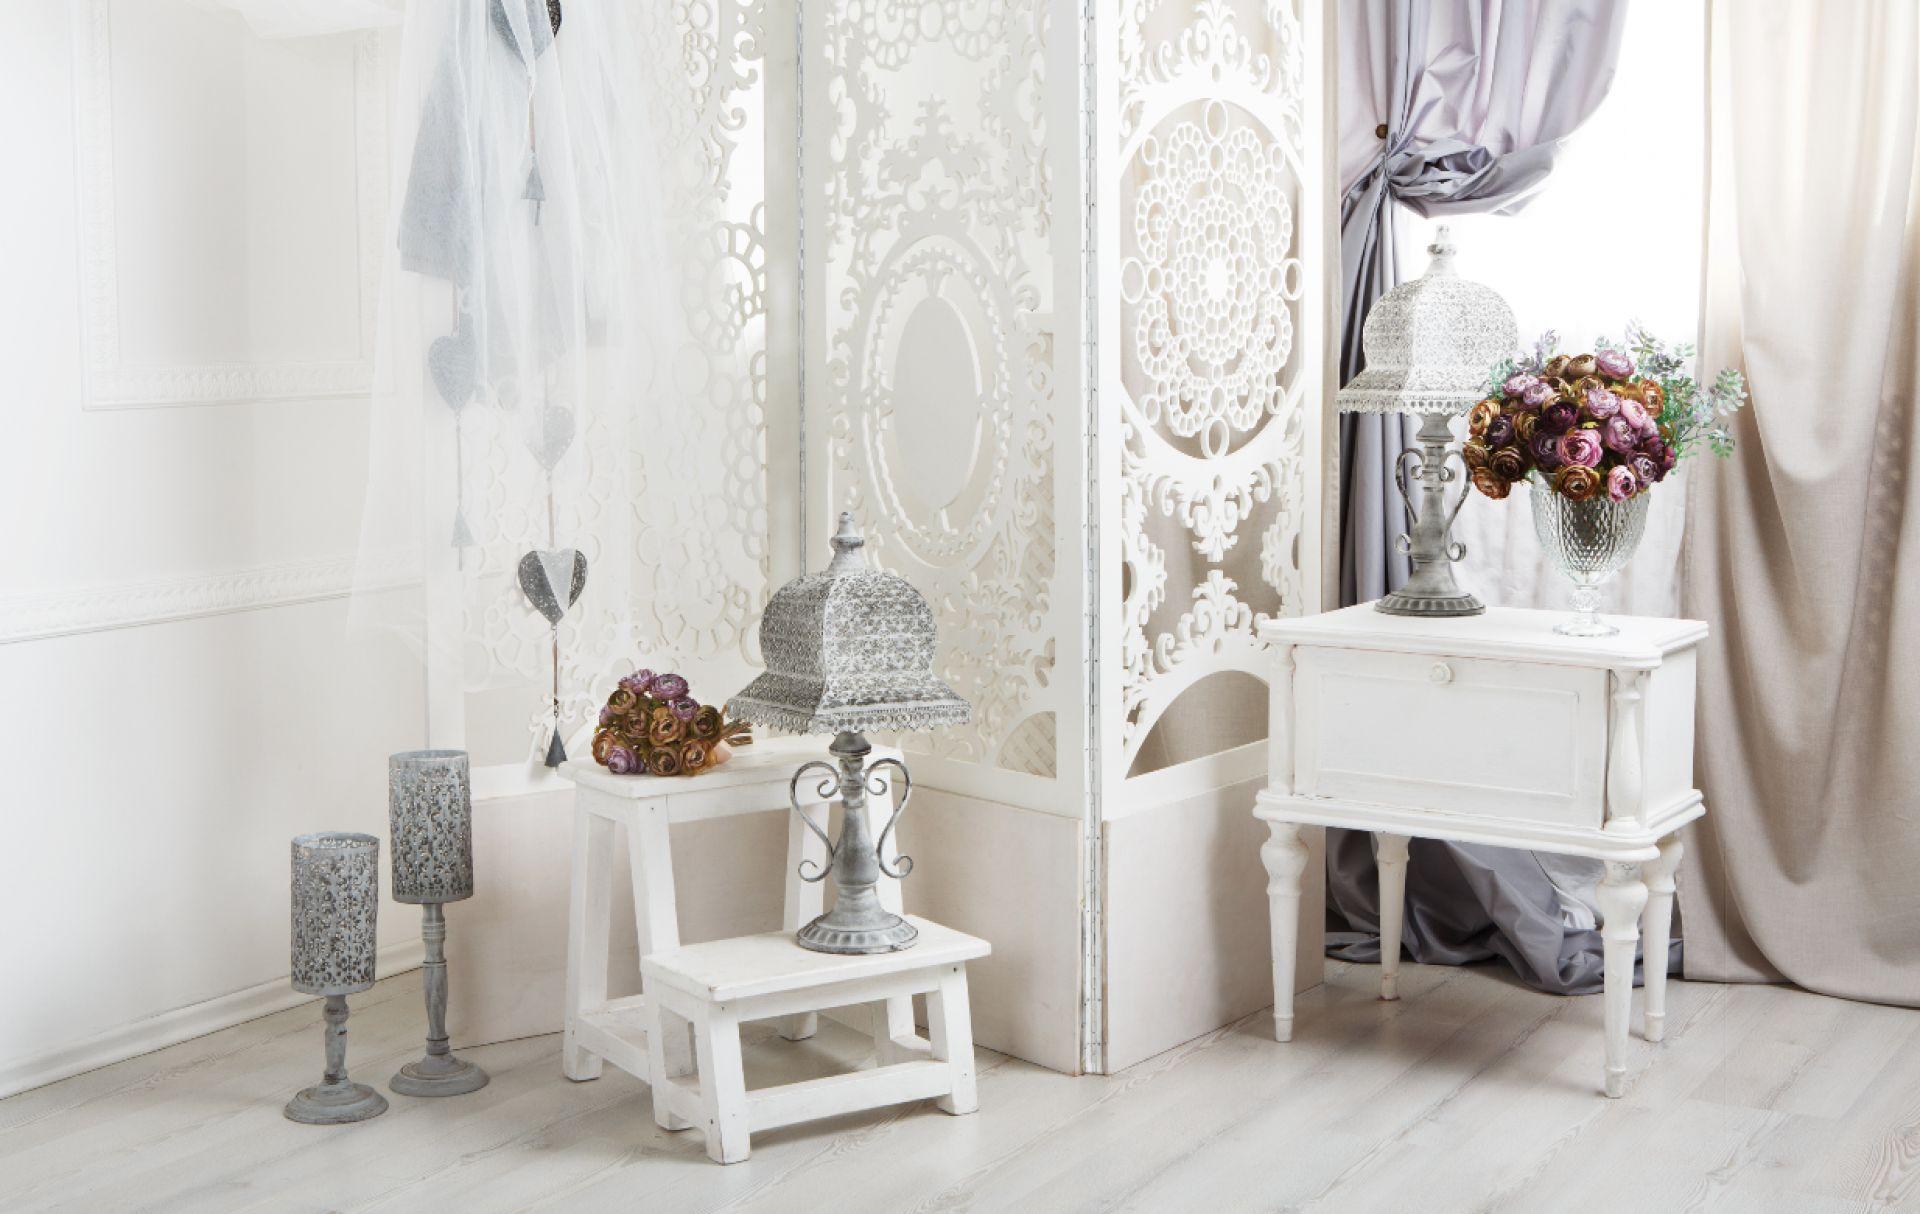 Elegante Trasandato Come Arredare Casa In Stile Shabby Chic